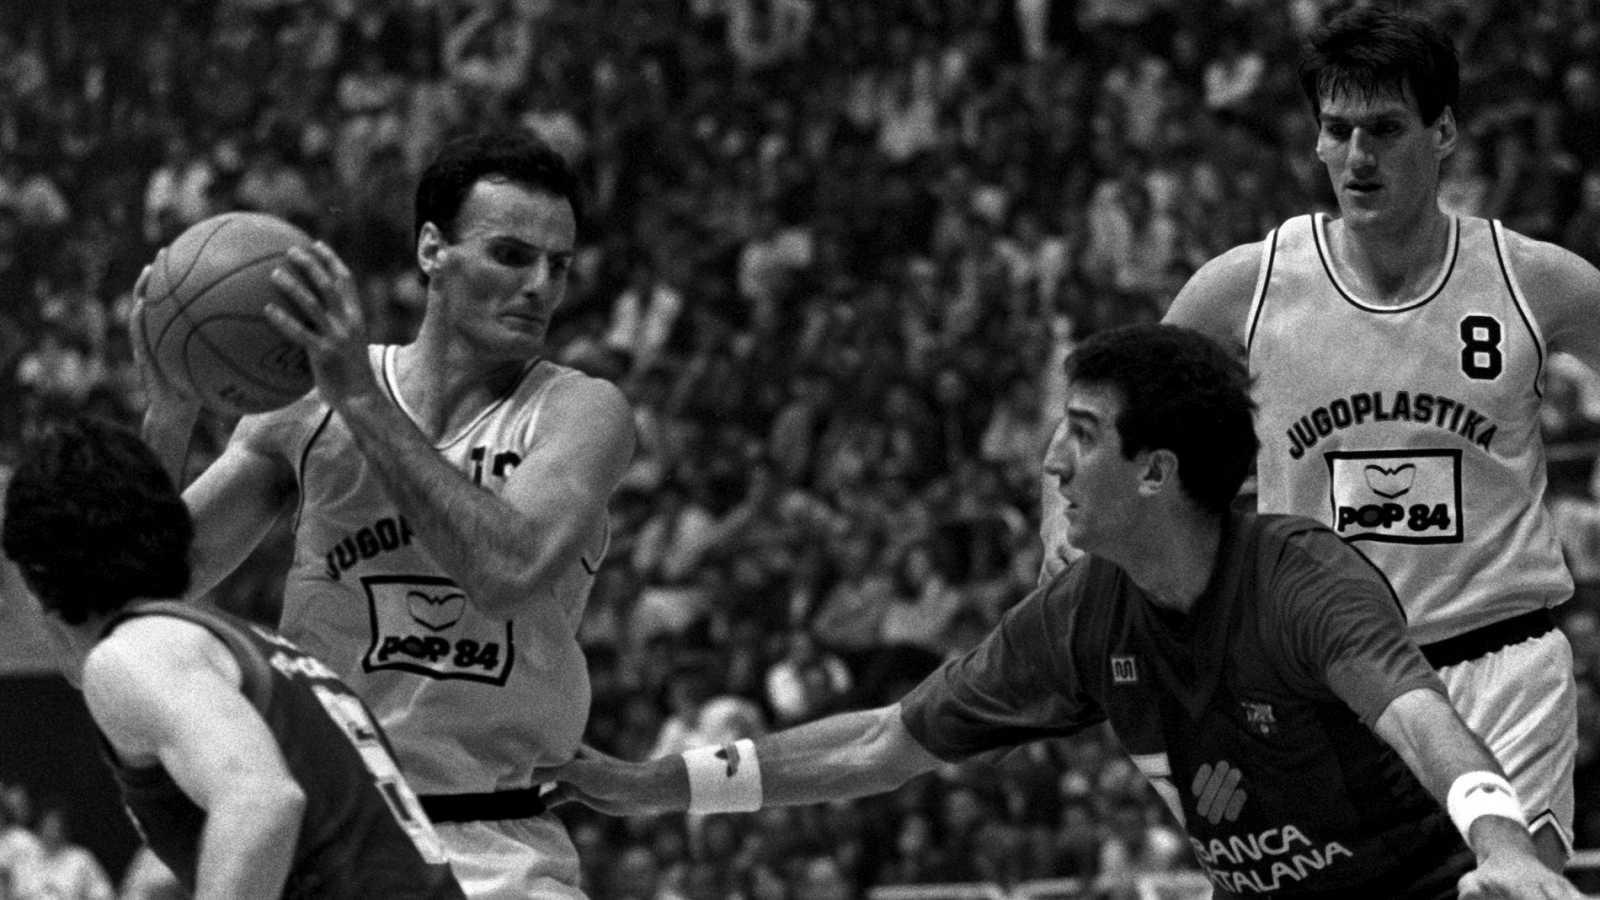 Imagen de archivo de un partido entre el Barcelona y la Jugoplastika